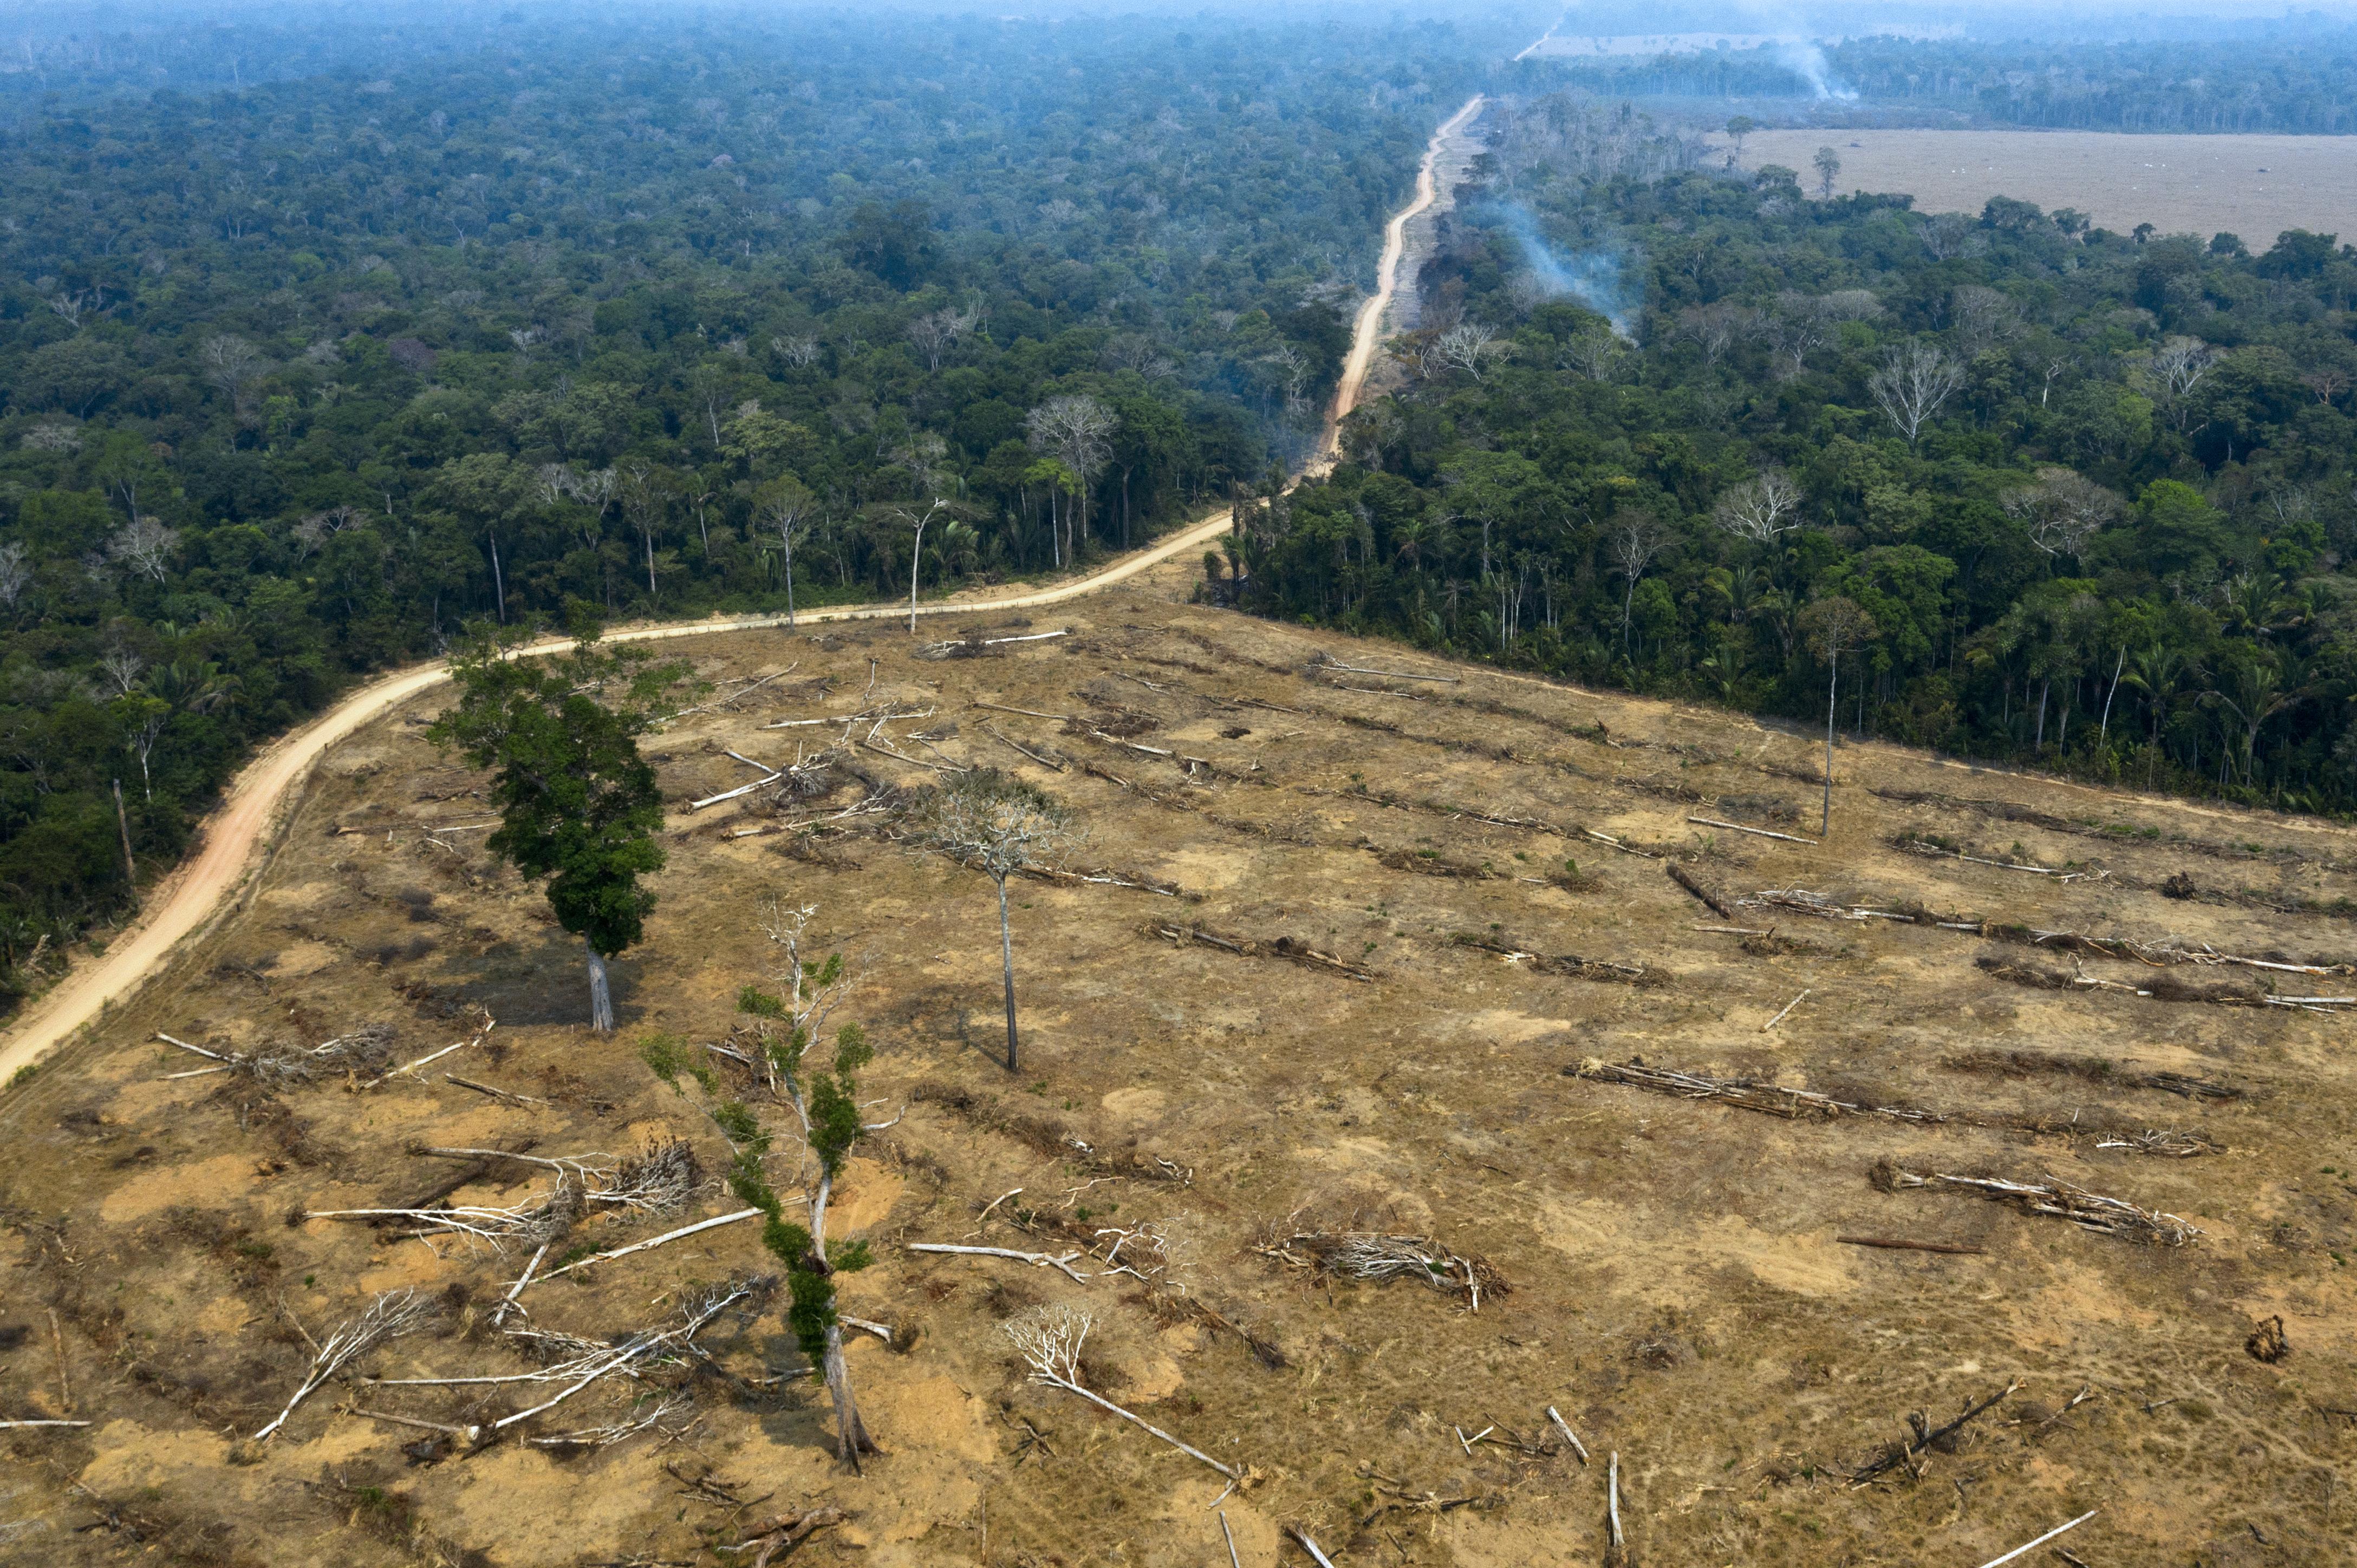 ENSZ, WHO, WWF: A világjárványok a természet szétverésének a következményei